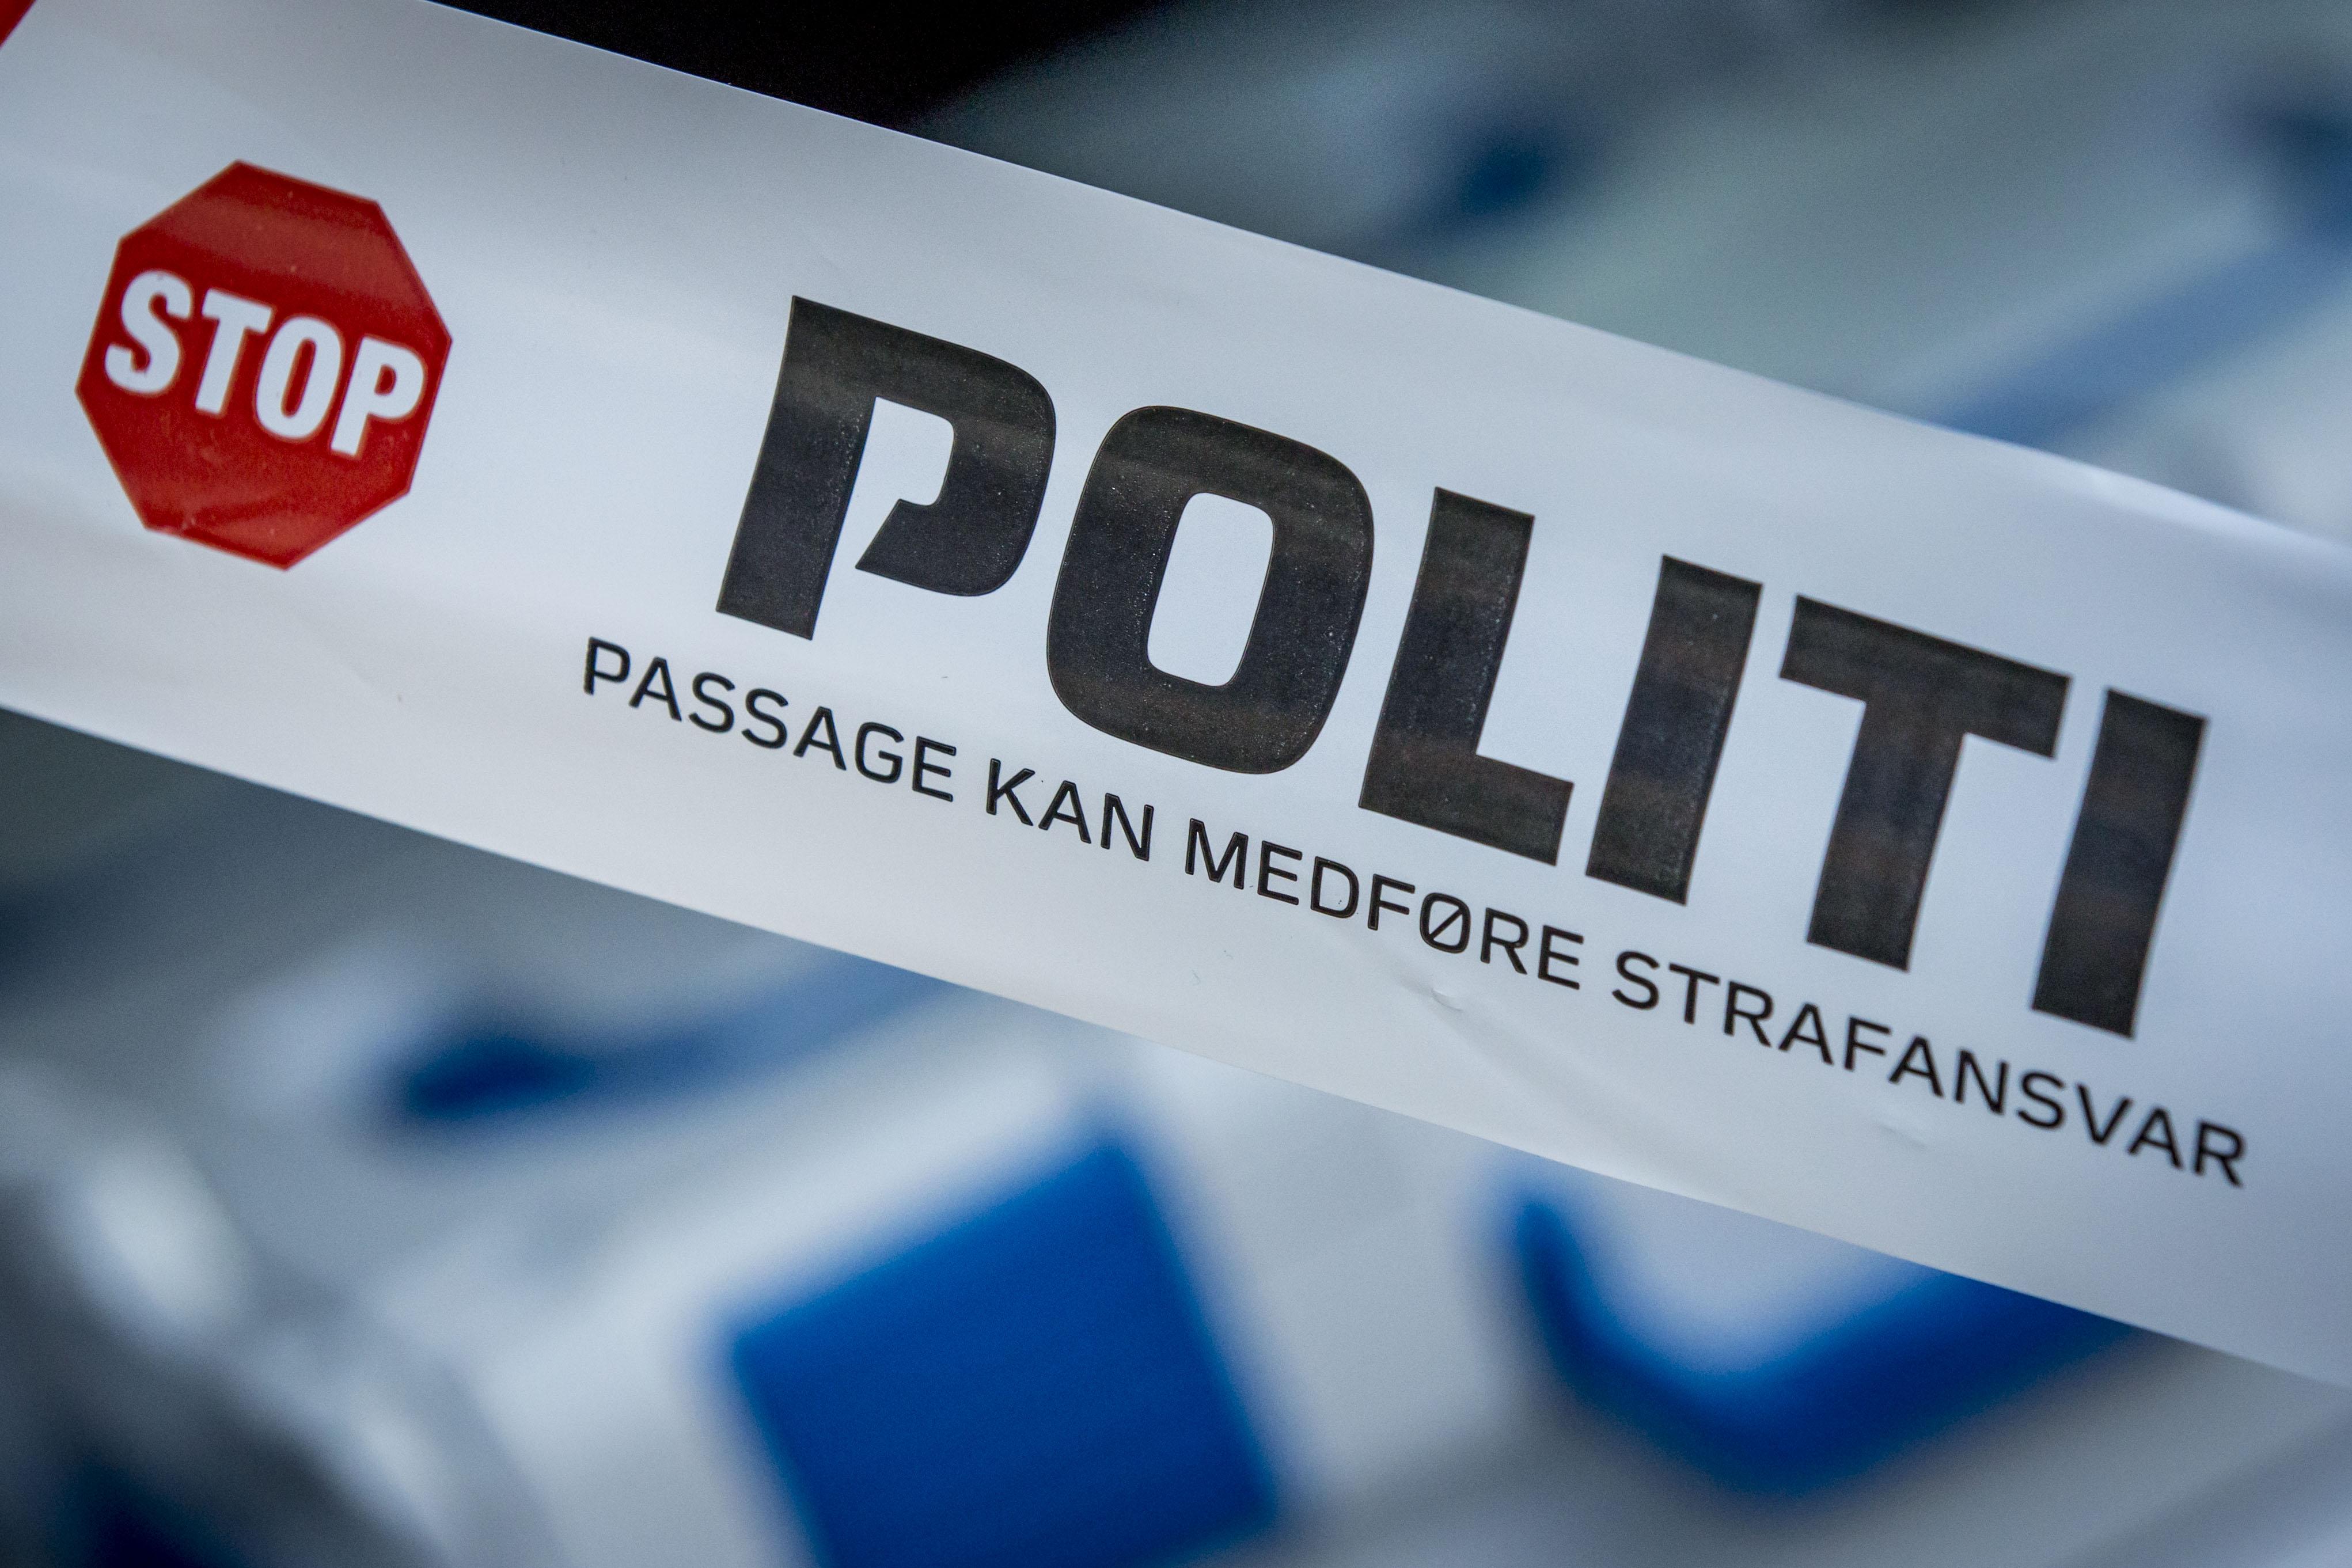 NYT I DRABSAG : POLITIET FINDER BIL OG LIG I KOLDING HAVN